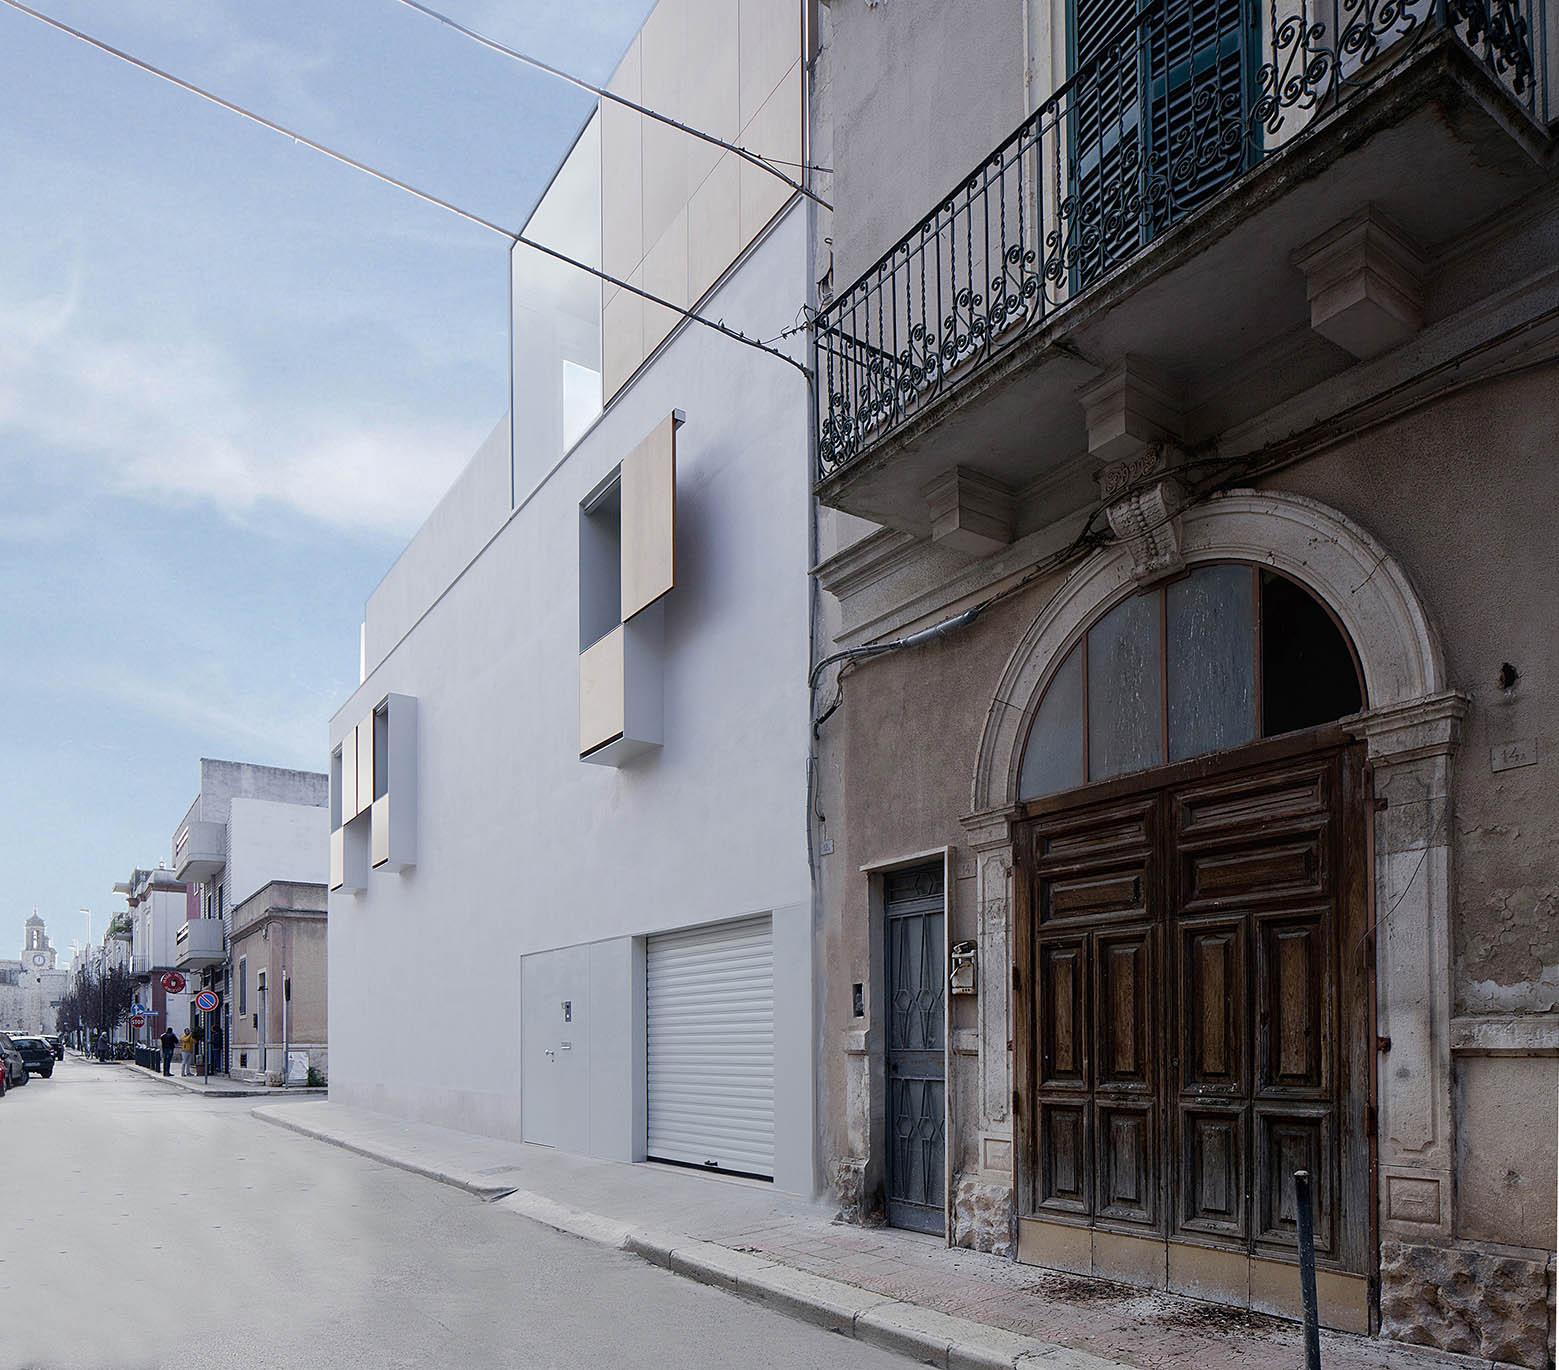 Casa cs moramarco ventrella architetti archdaily for Log casa architetti